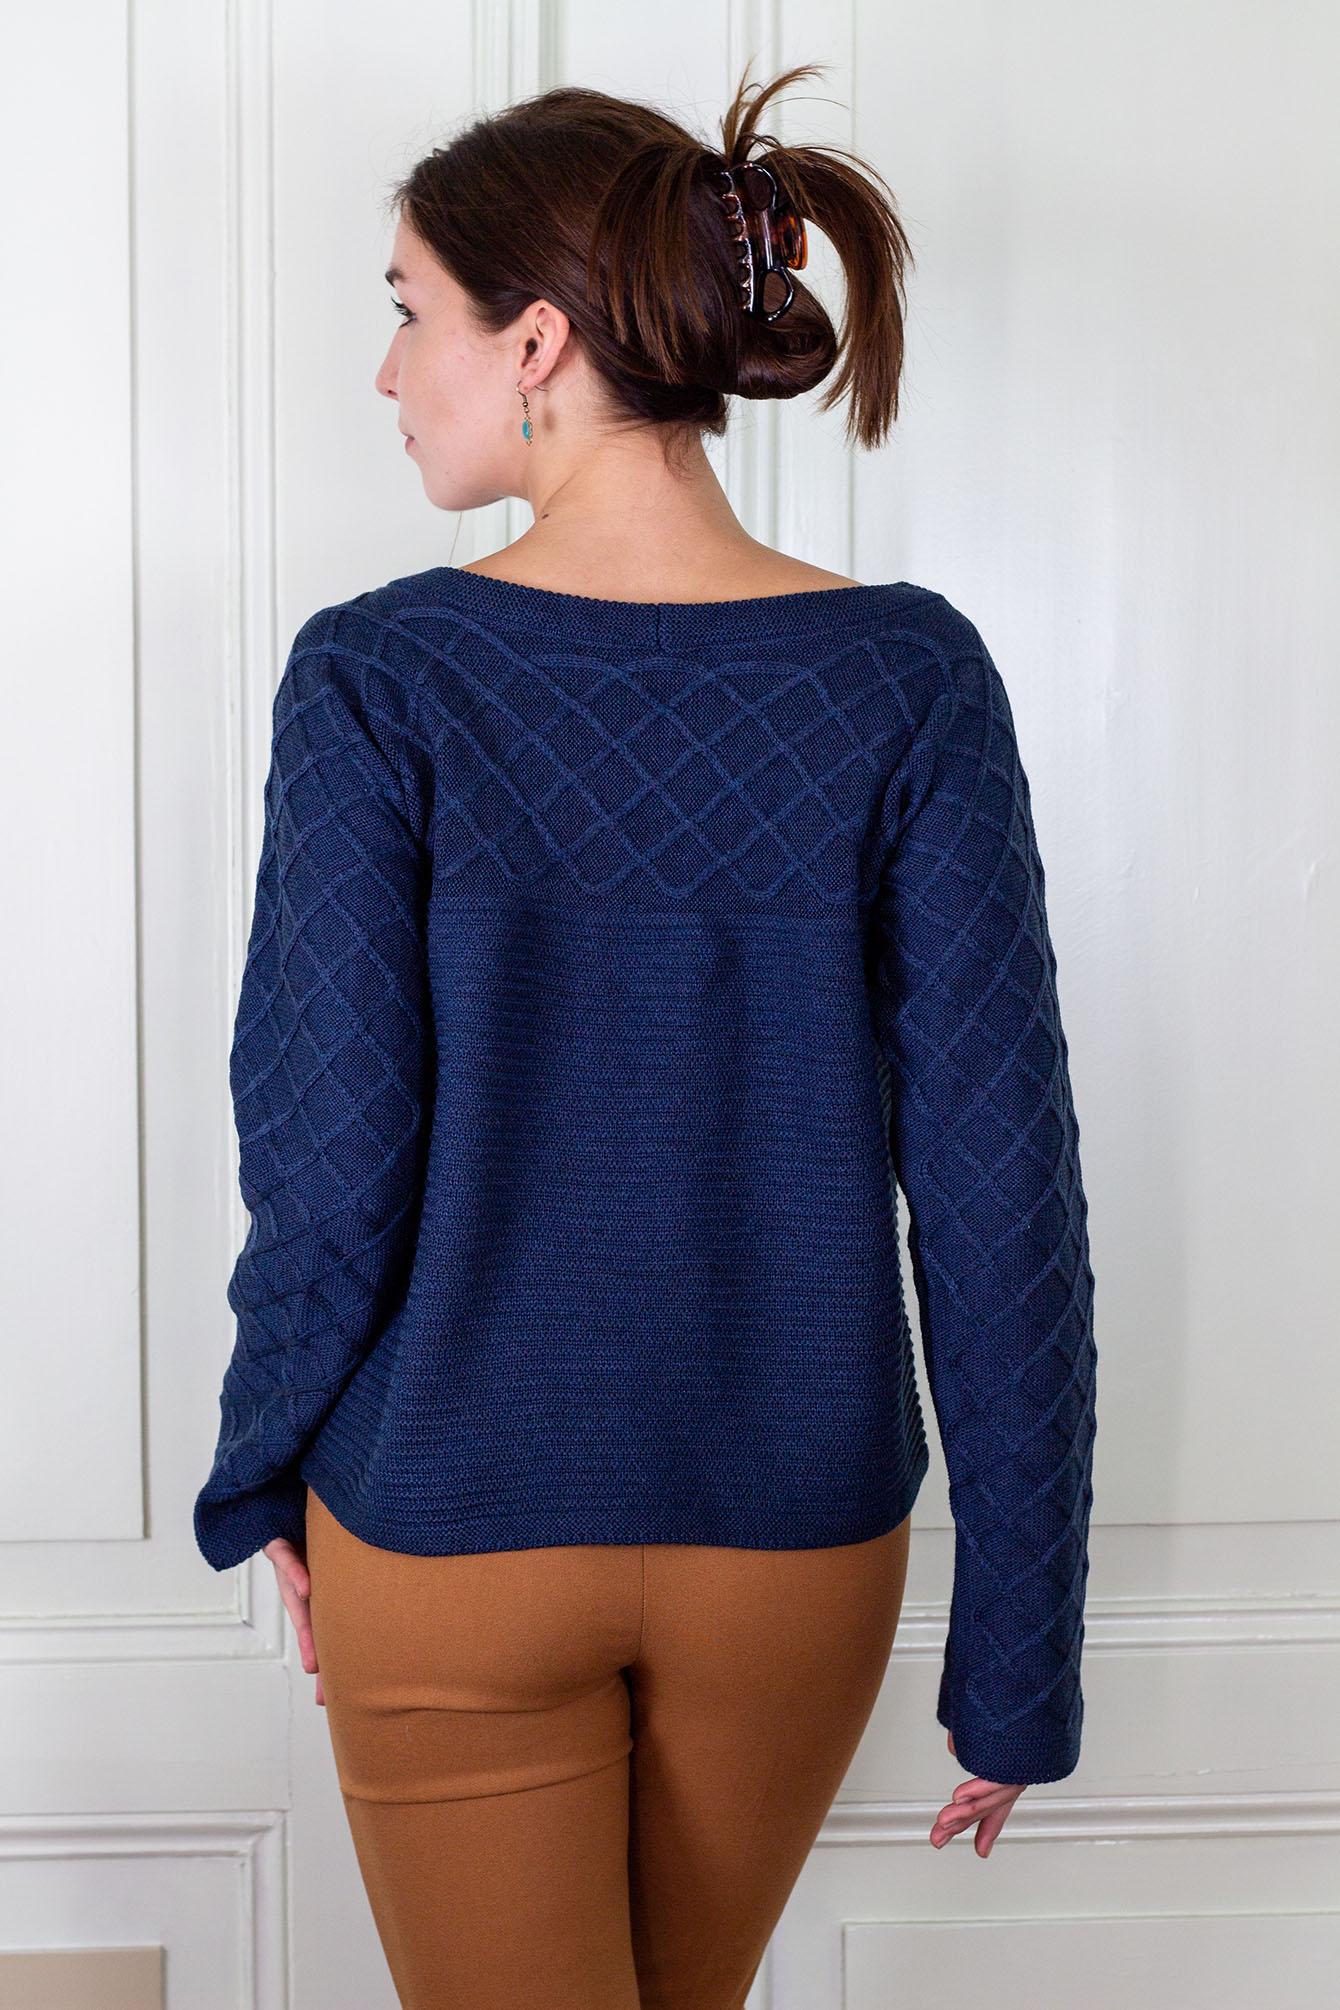 Пуловер Вили в синьо